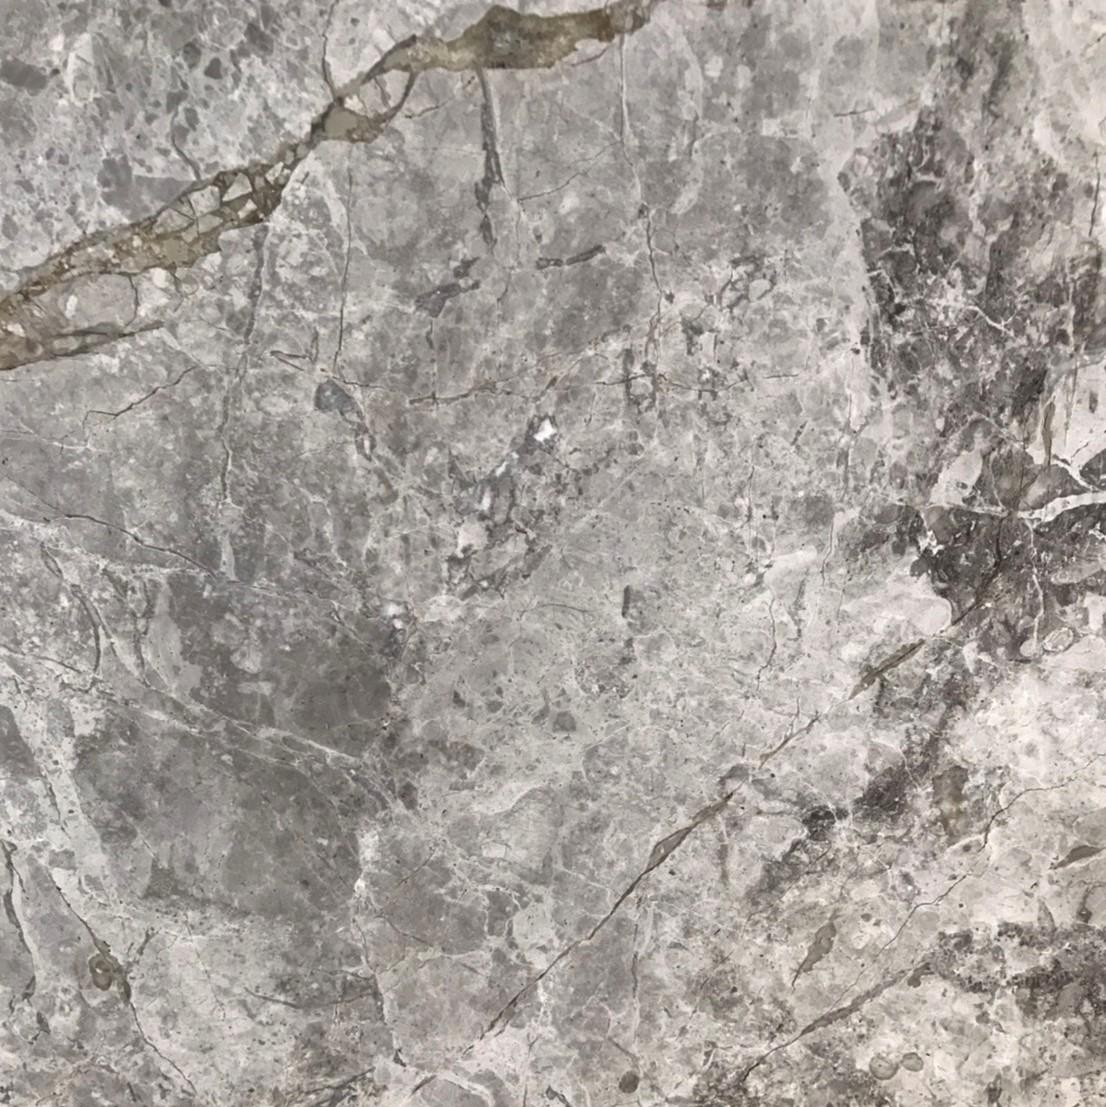 ✔ 石材名稱:銀河灰 ✔ 別名:蒙馬特灰 ✔ 表面處理:亮面、仿古面 ✔ 原石產地:土耳其 ✔ 適合施作:檯面、牆面、地坪